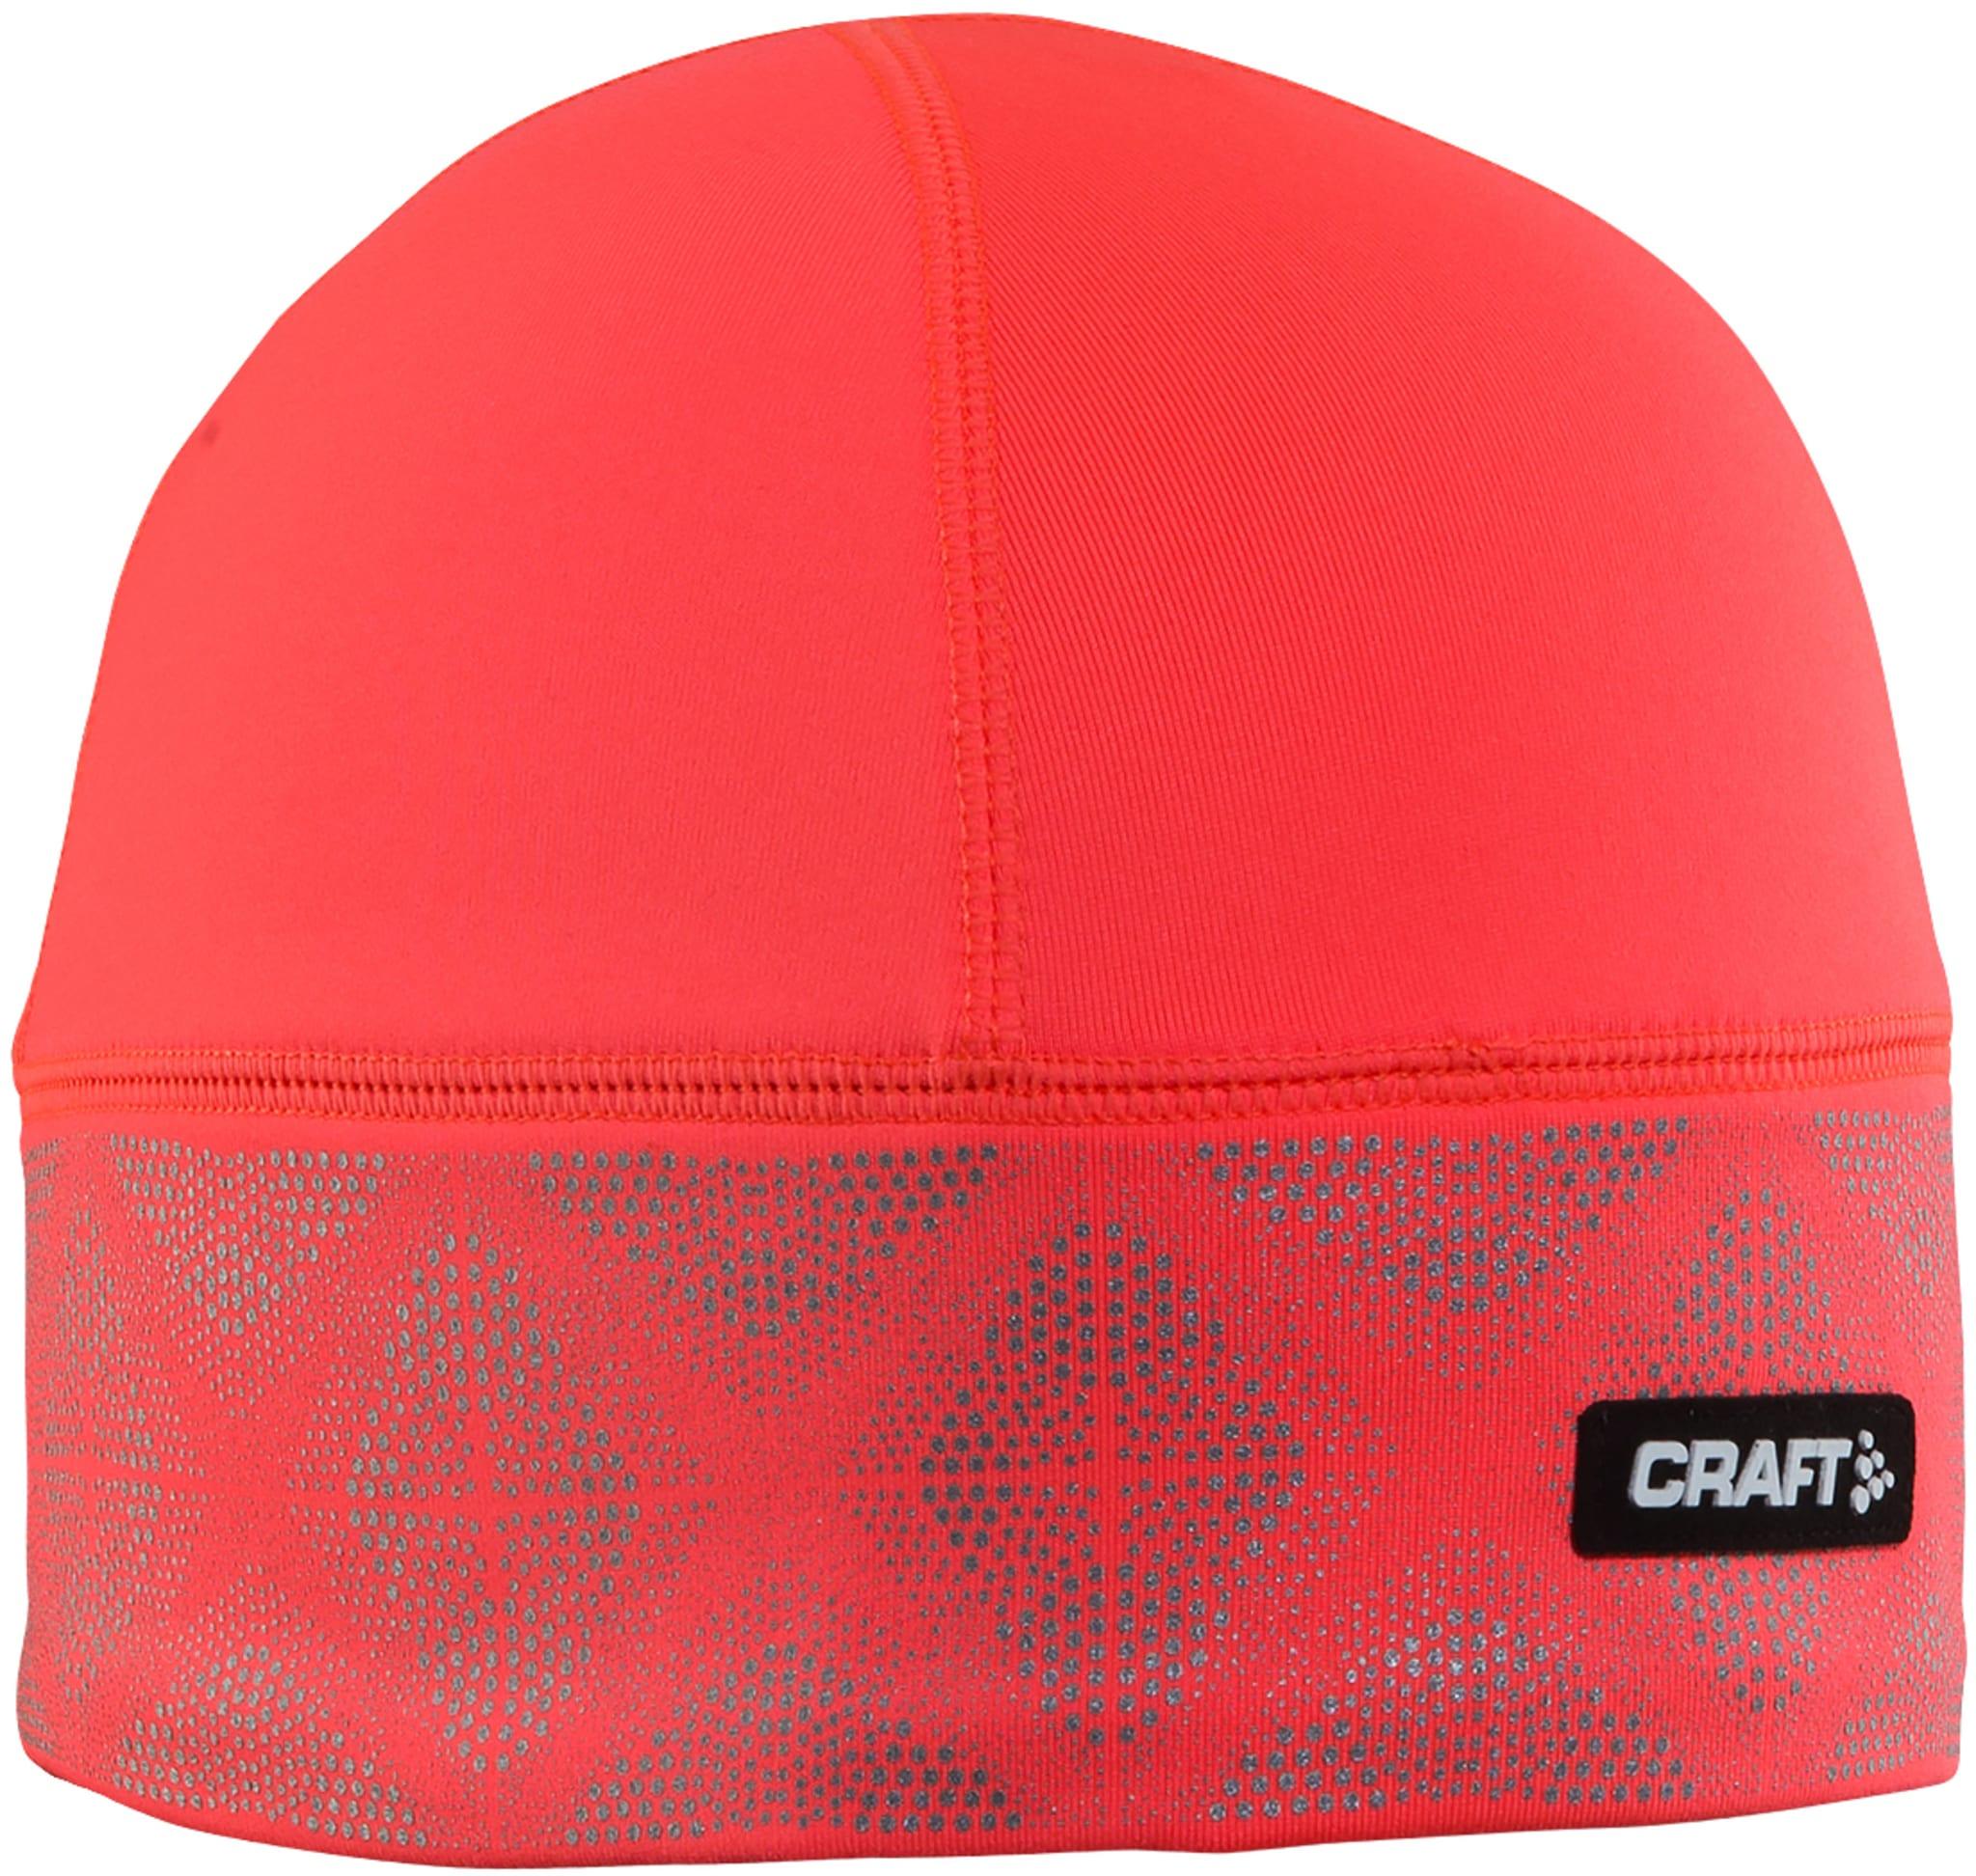 Brilliant 2.0 hat